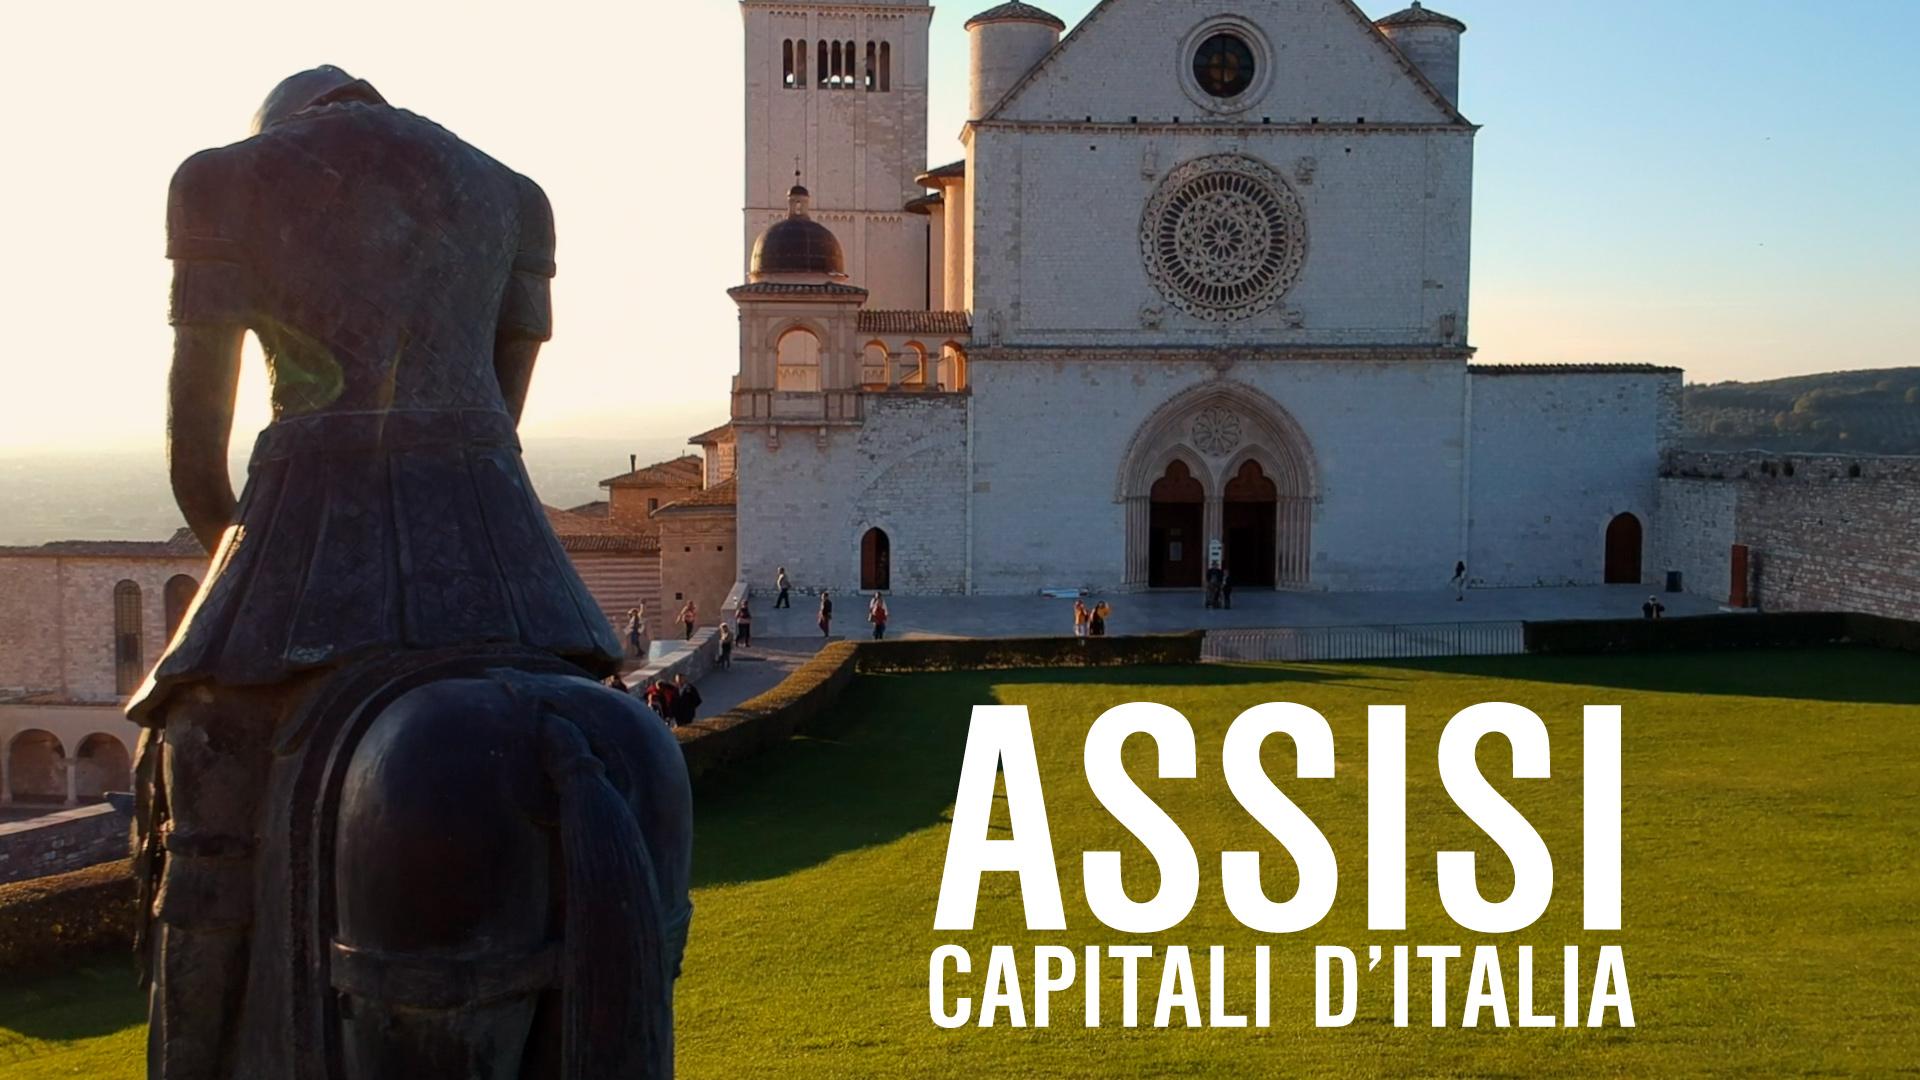 Capitali d'Italia Assisi